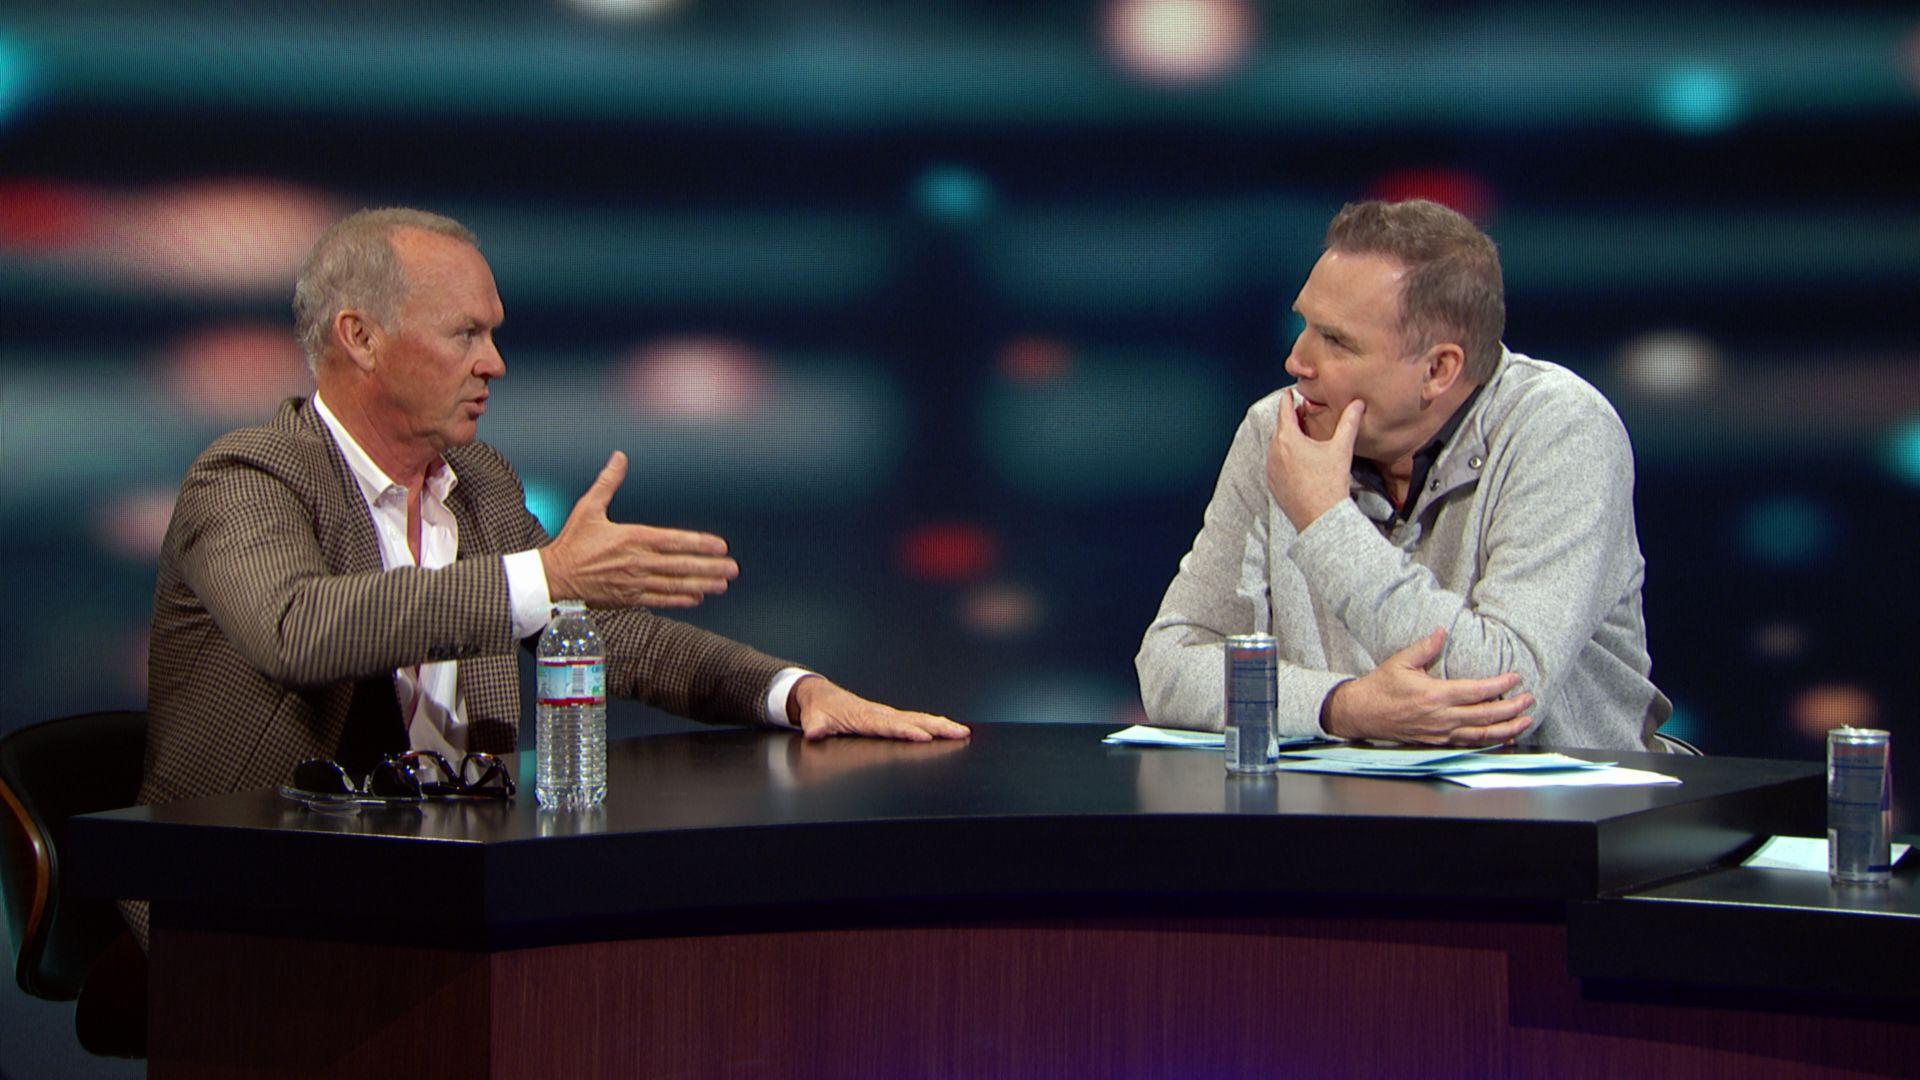 norm macdonald u2019s netflix show reveals talk show guests